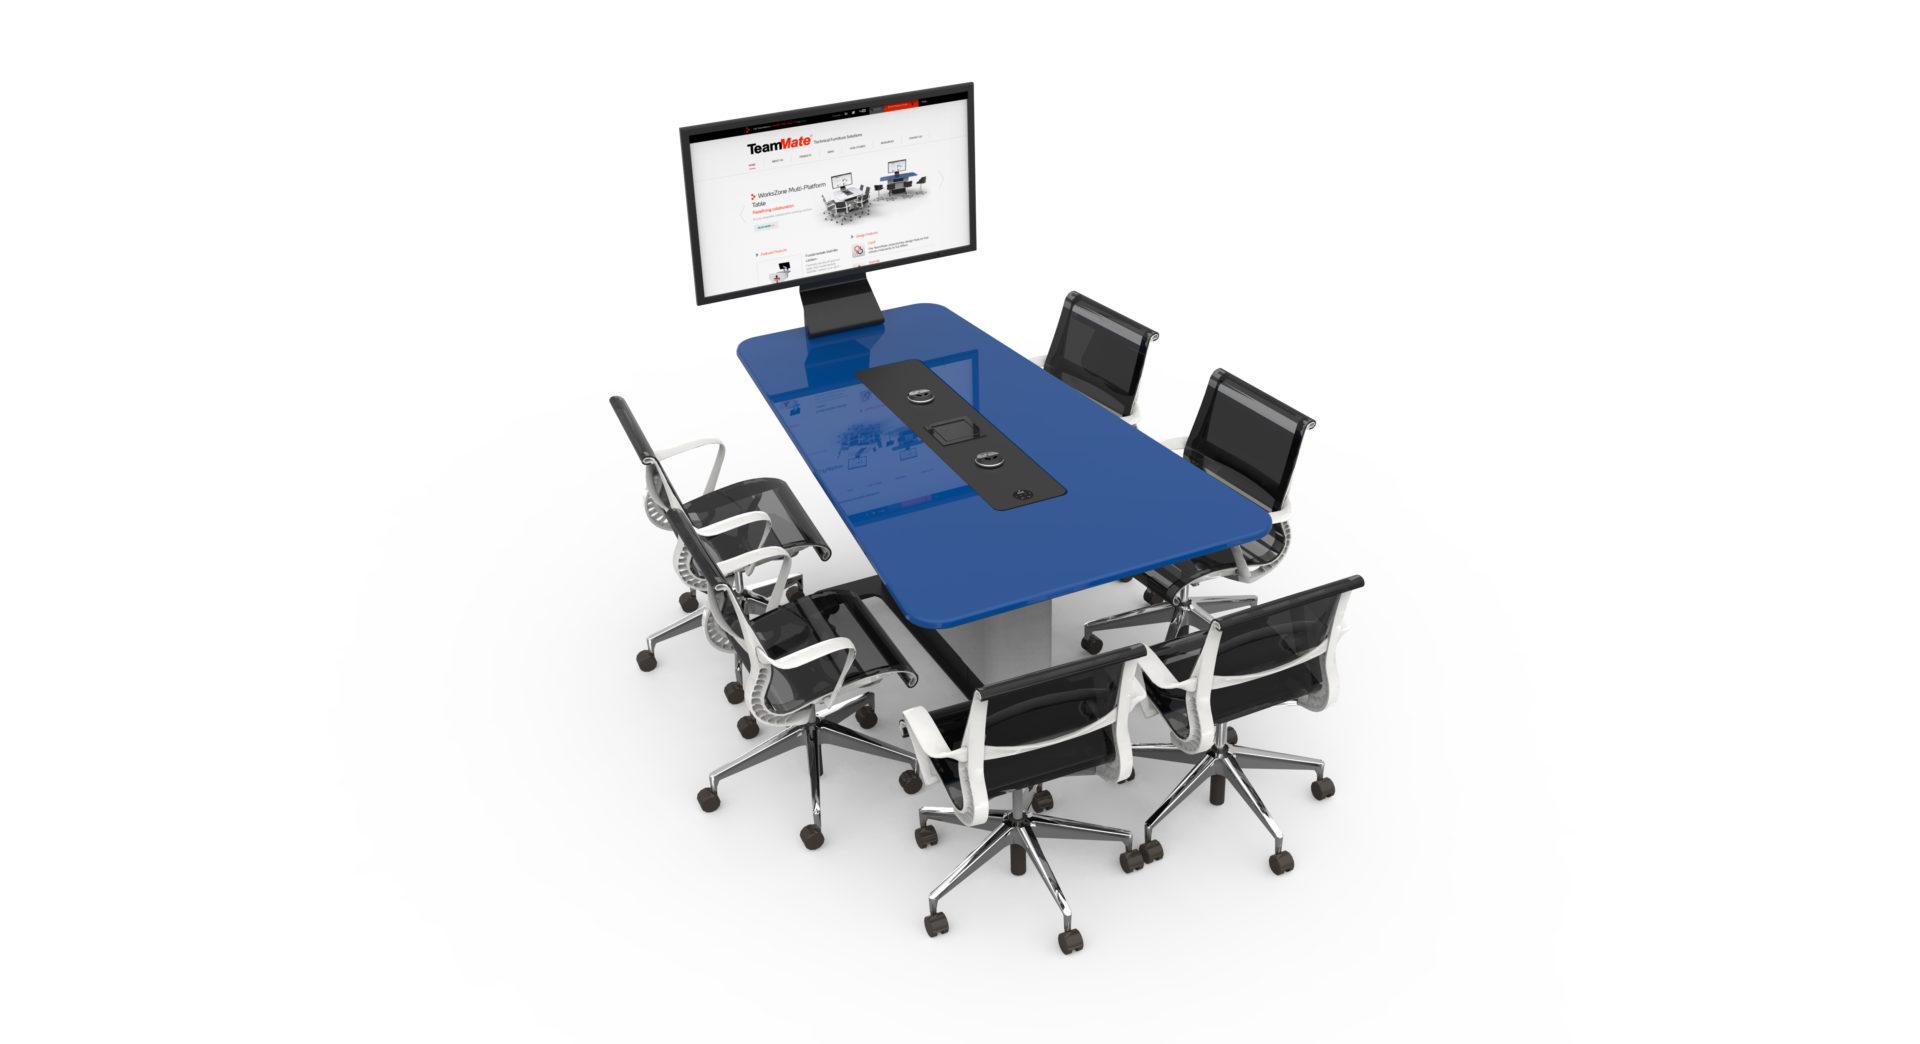 WorksZone-Trapeze salle réunion huddle room table espace collaboratif